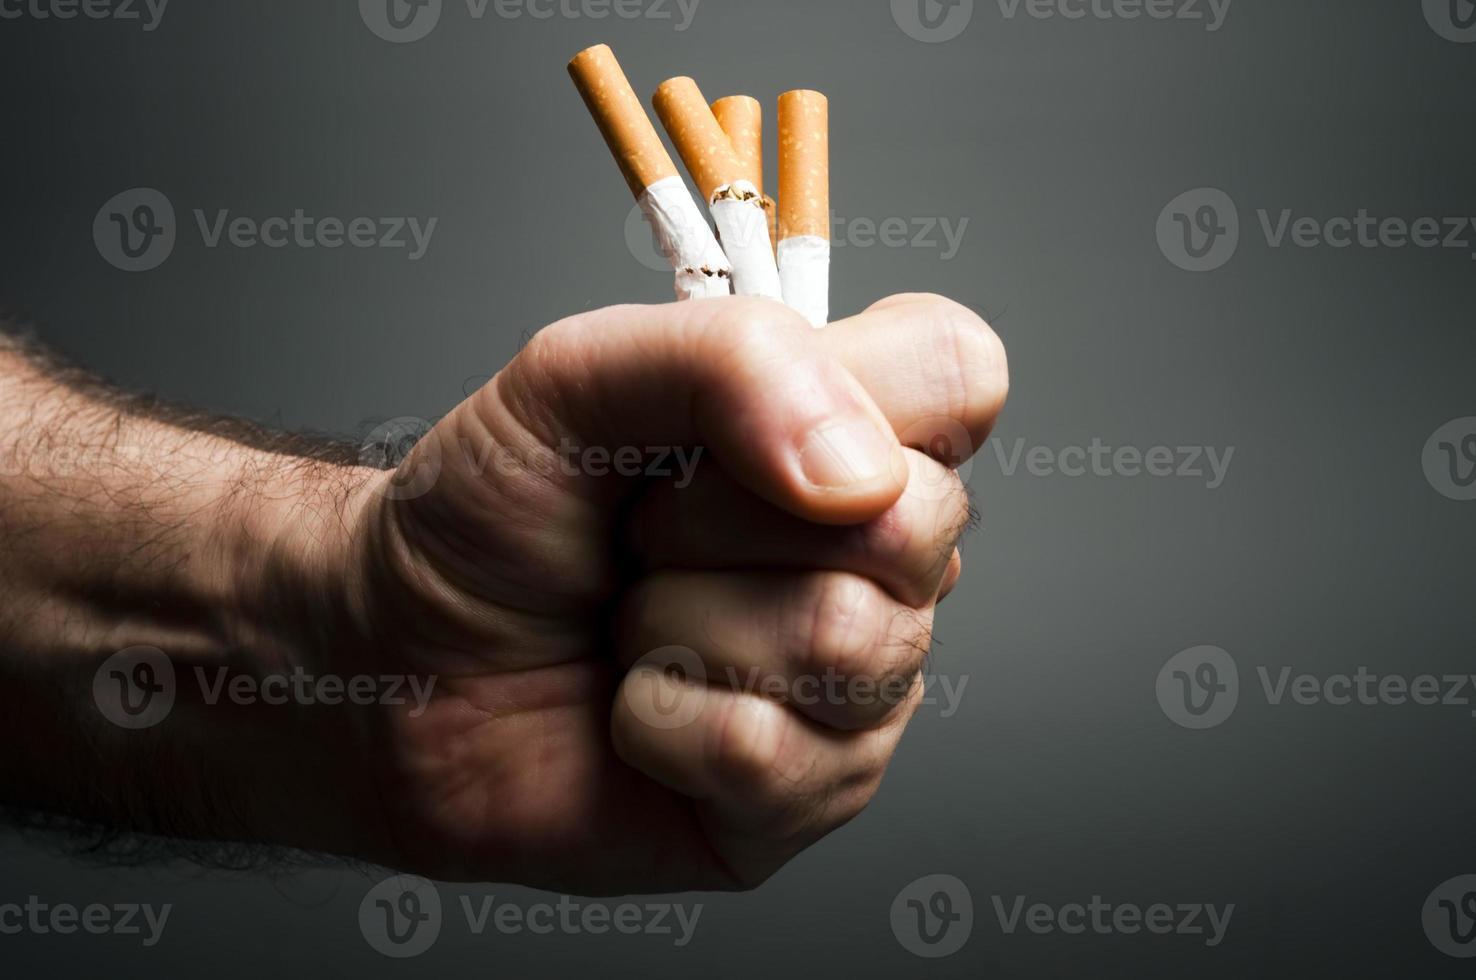 Cigarettes in fist photo